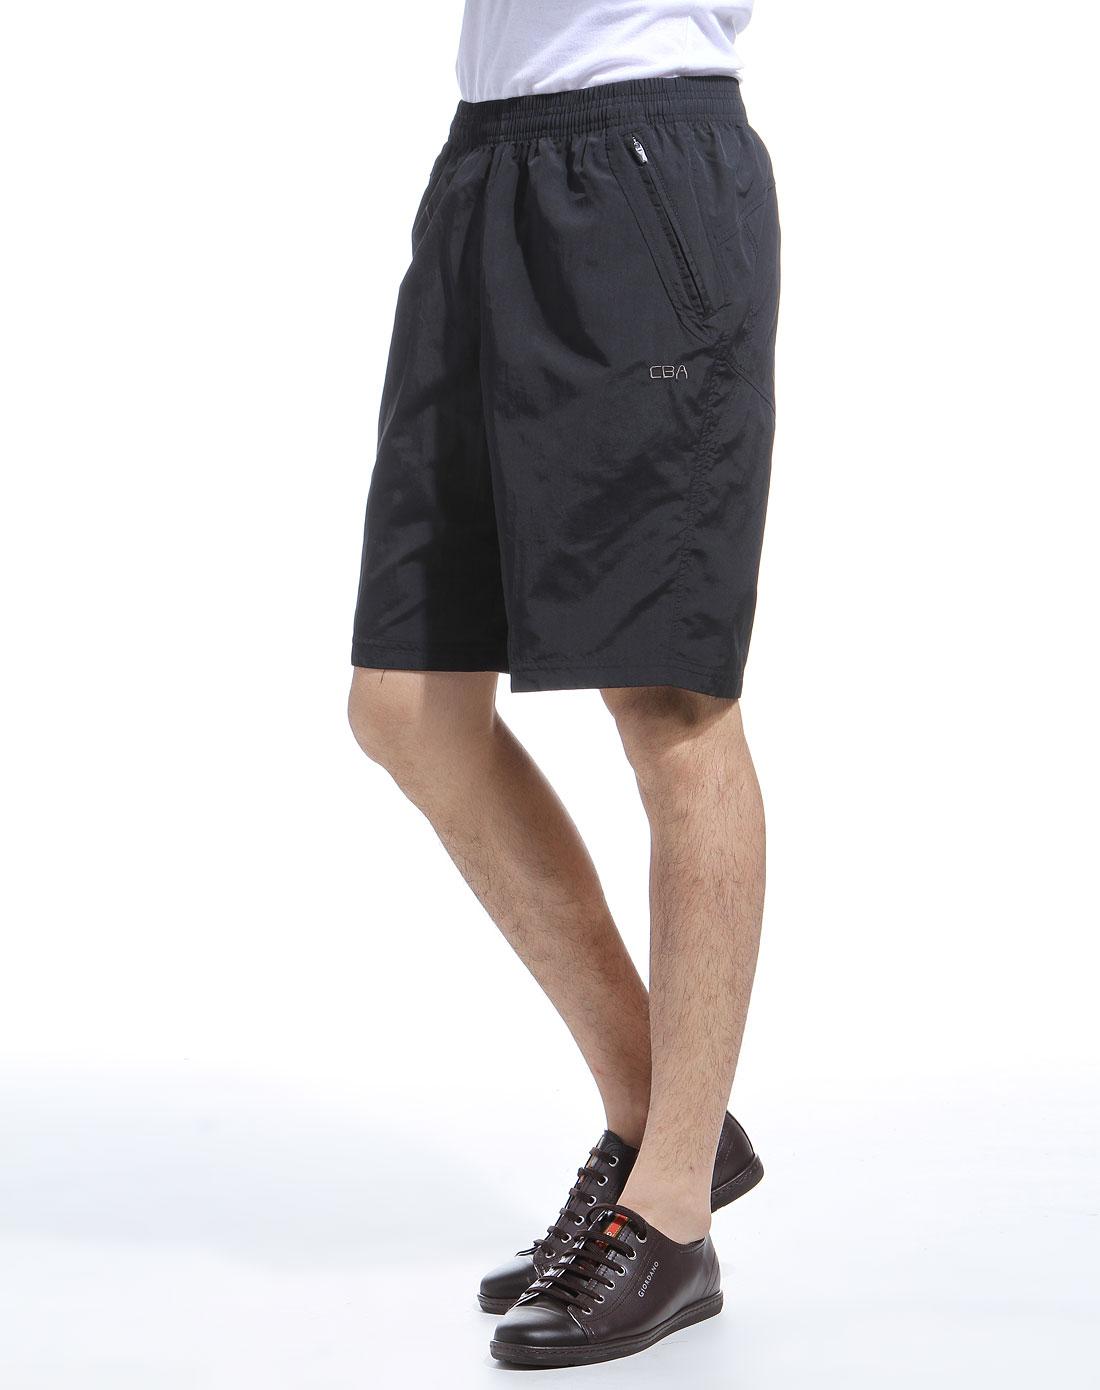 cba男款黑色时尚休闲短裤